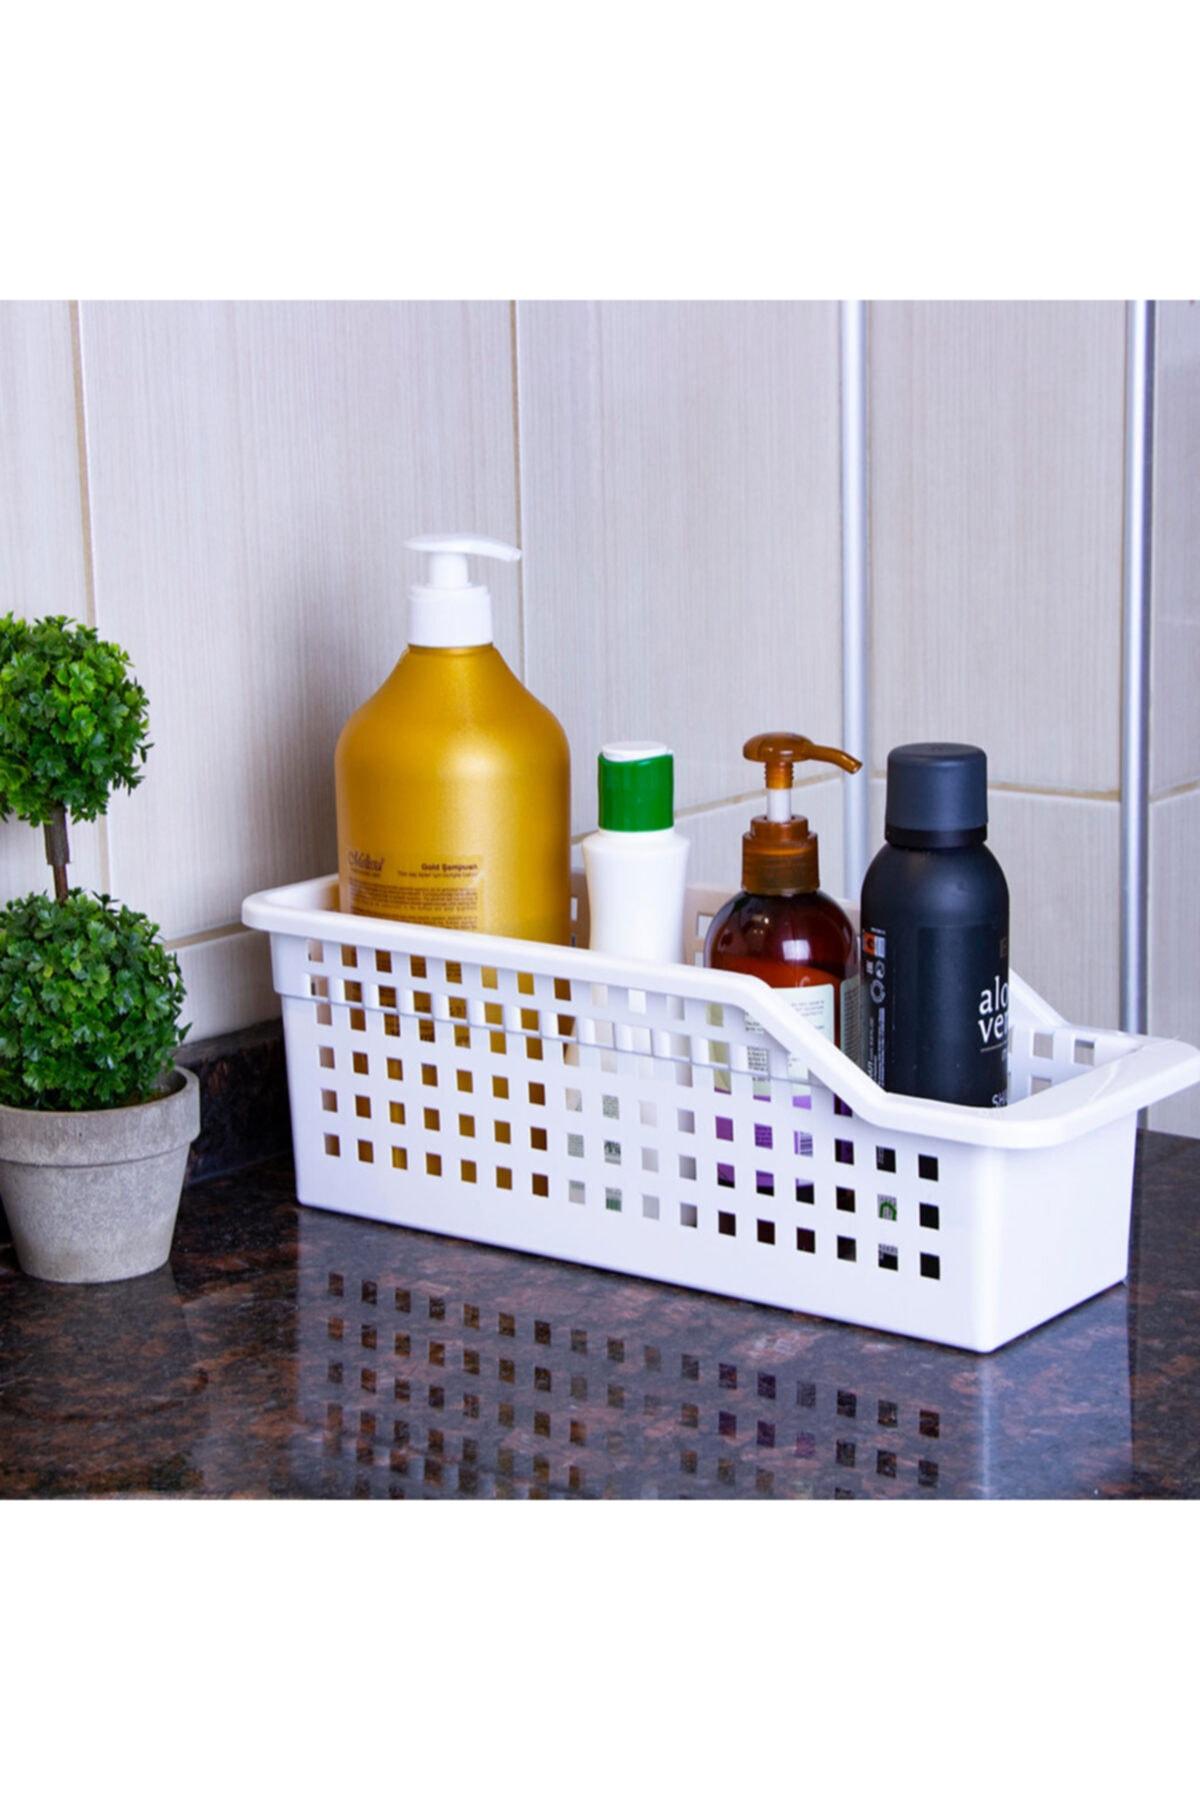 intoku 10 Adet Buzdolabı Sepeti Dolap Içi Düzenleyici Sepet Organizer 2